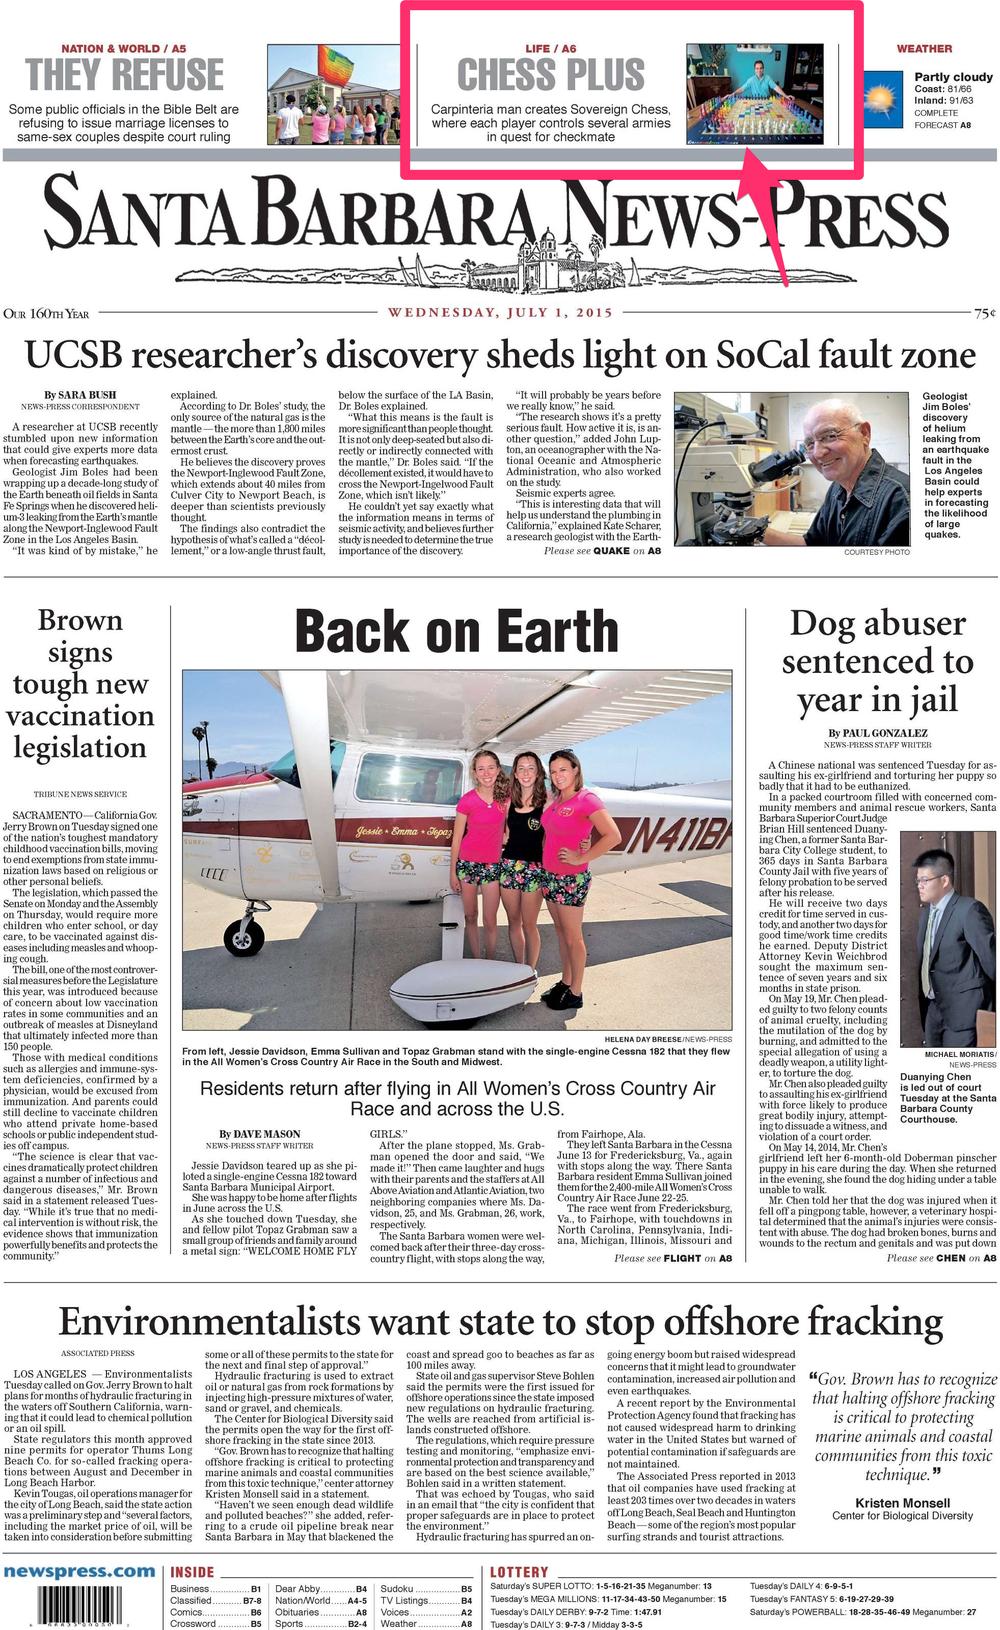 The front page of the Santa Barbara News-Press